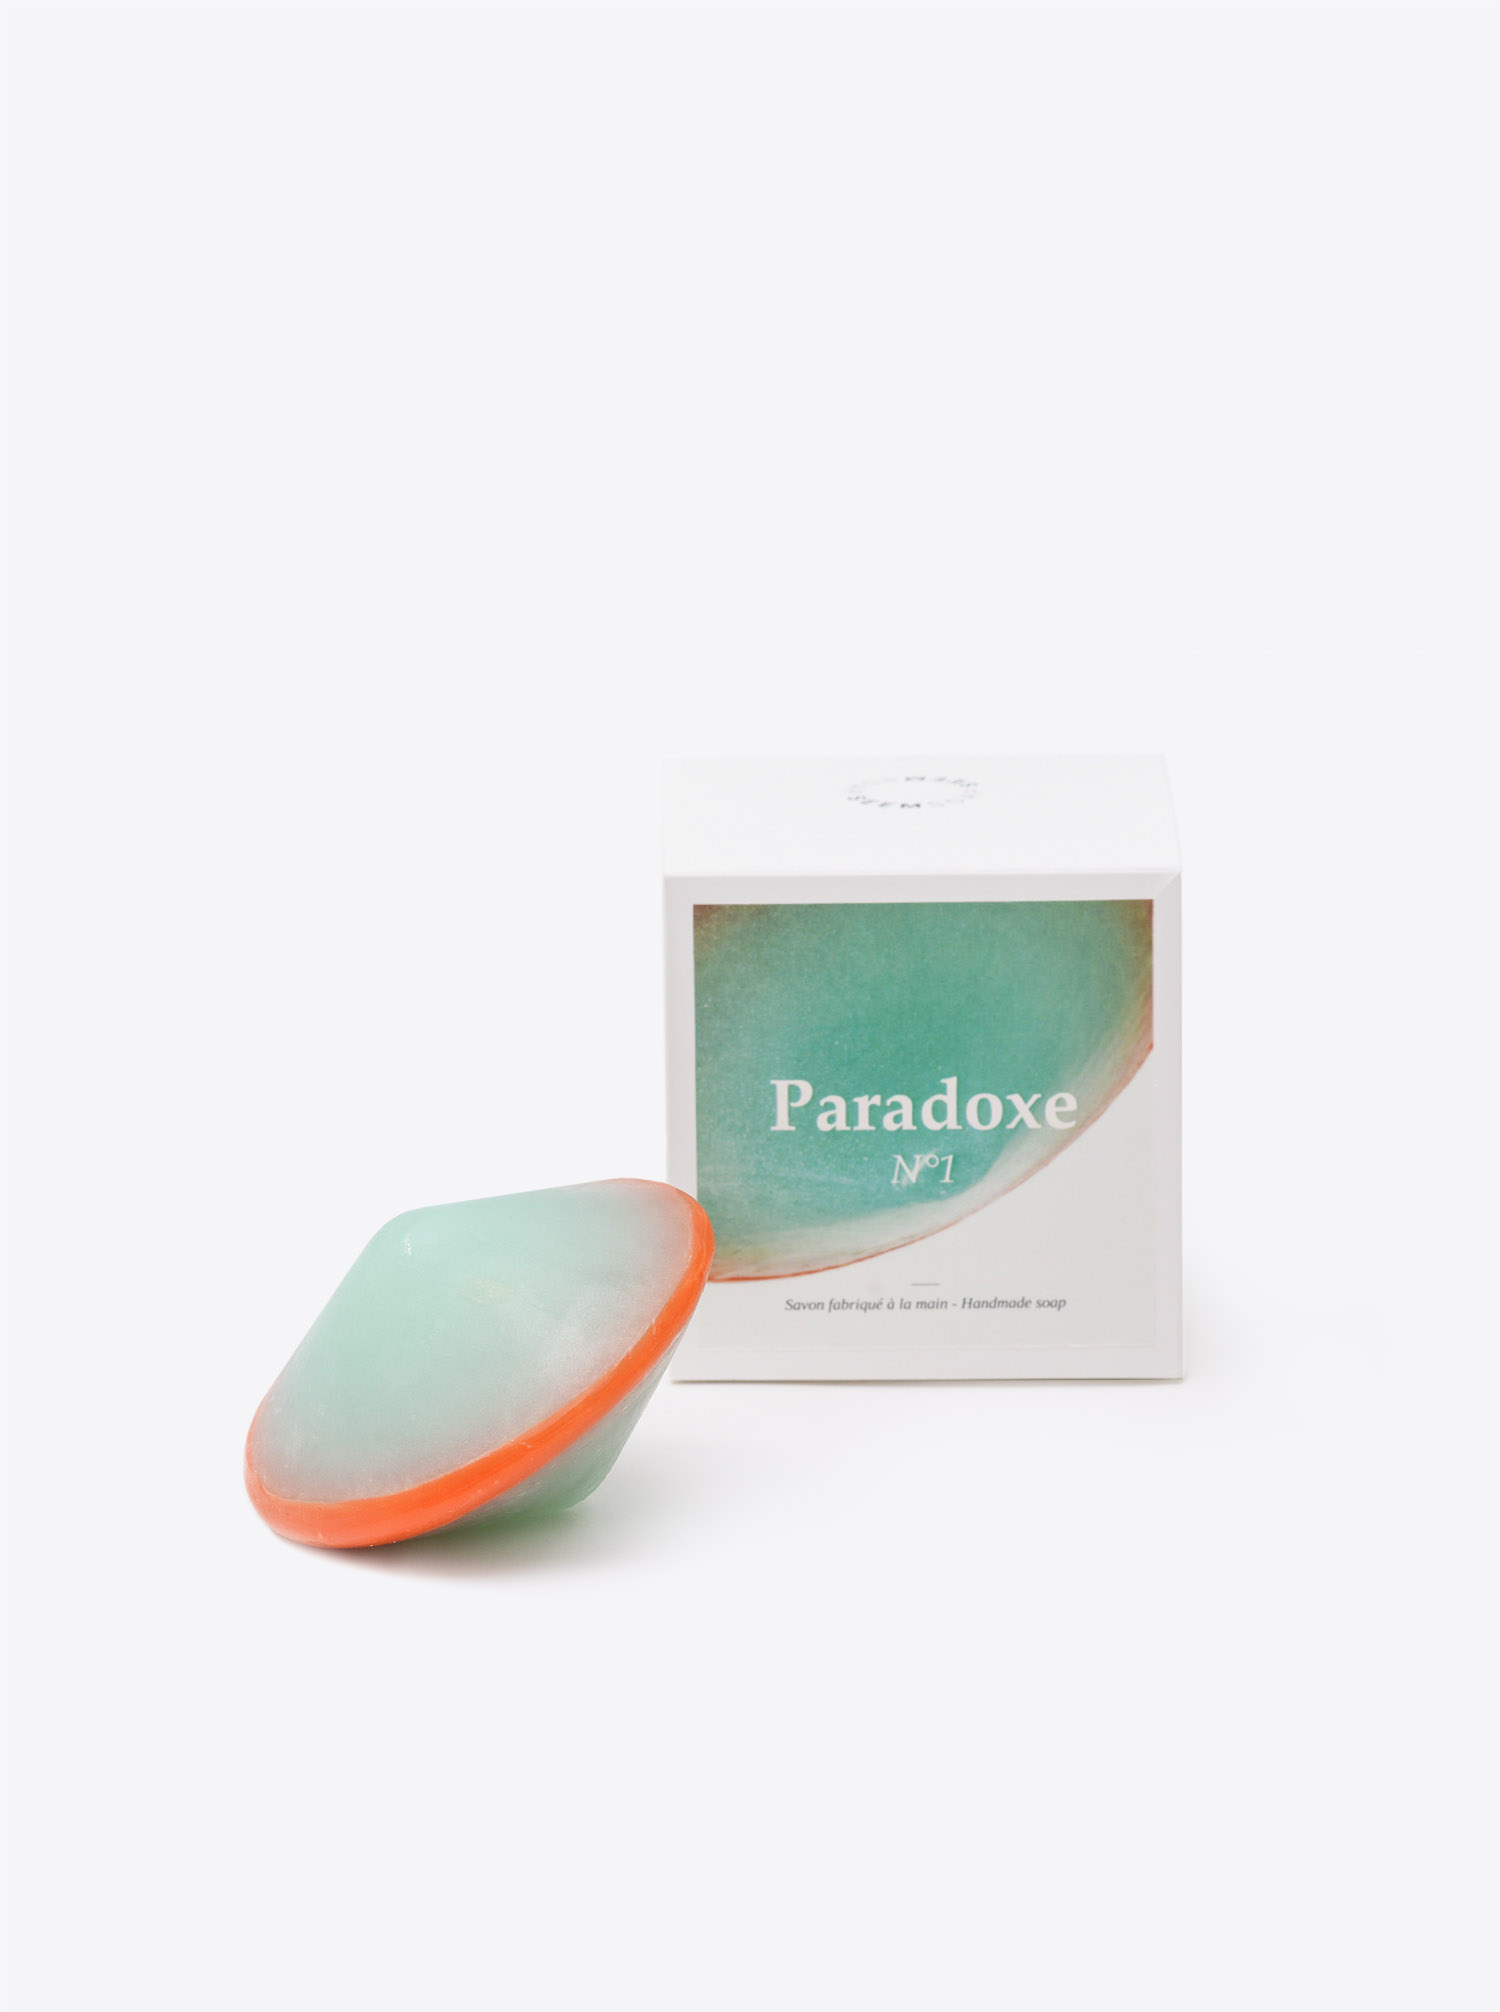 Soap Paradoxe #1